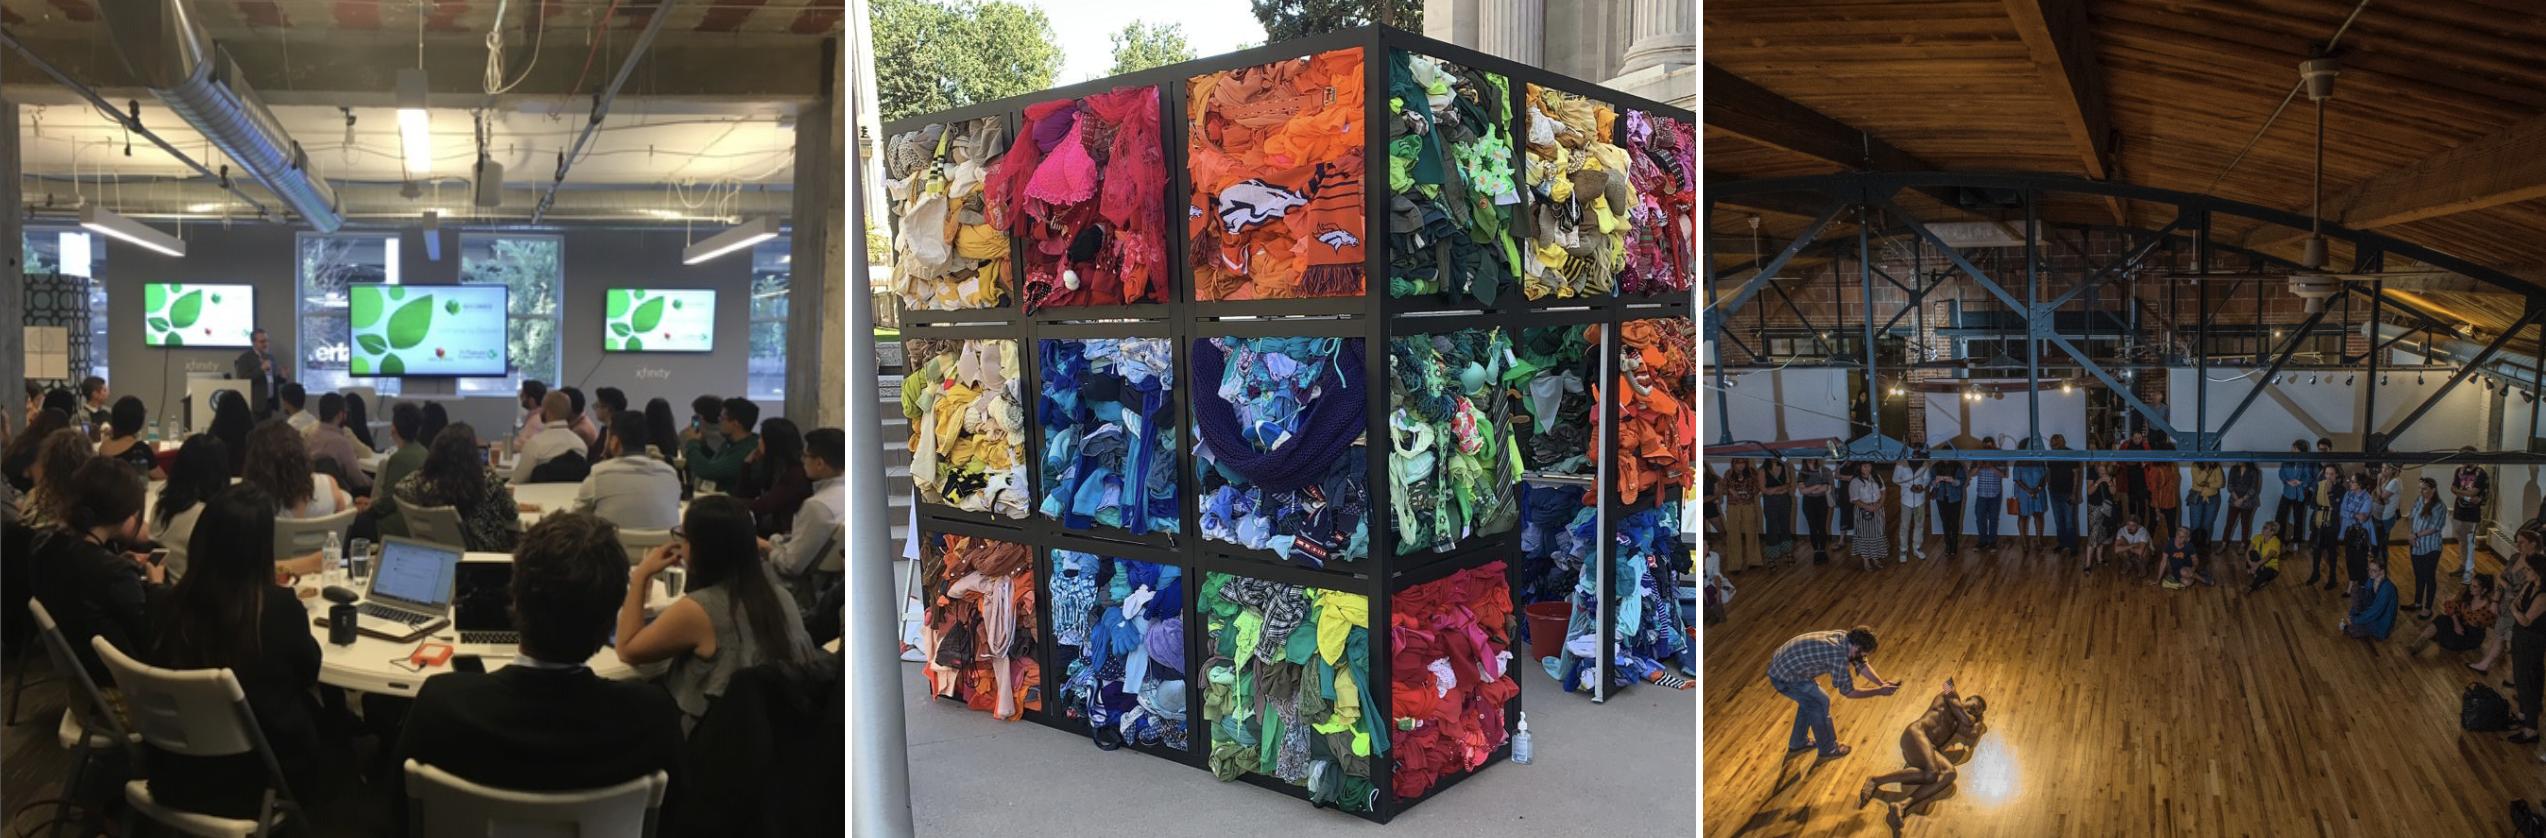 Biennial cuba artist